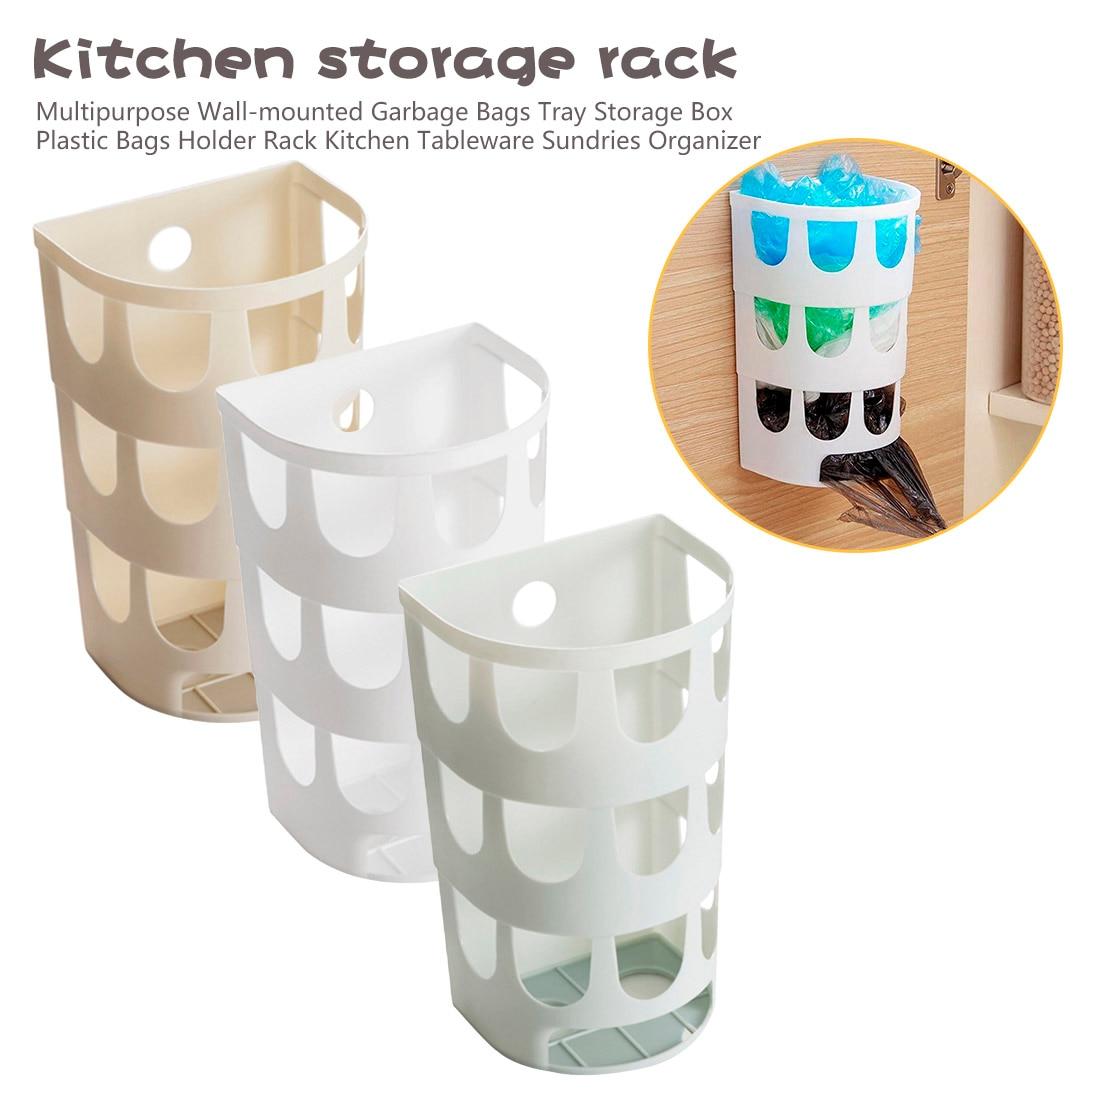 Organizador de artículos de mesa de cocina, multiusos, bolsas de basura montadas en la pared, caja de almacenamiento de bandeja, bolsas de plástico, estante de soporte, 1 ud.